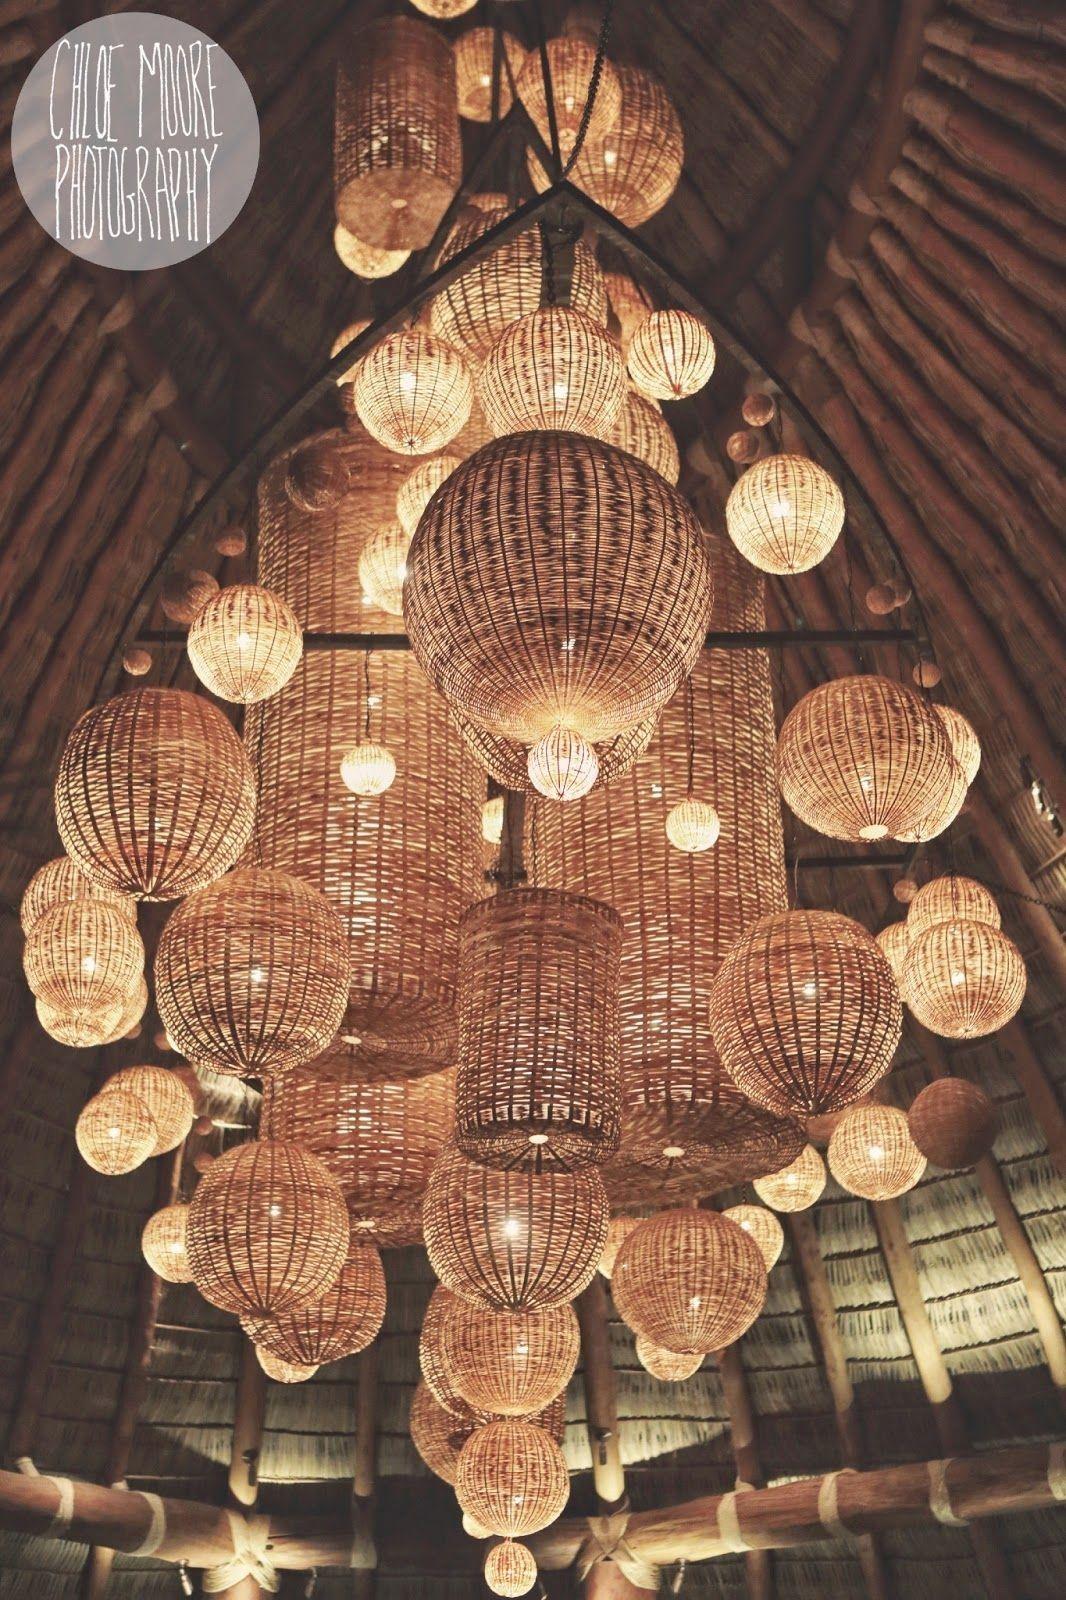 15 Besten Ideen Outdoor Hangenden Korb Lichter Mehr Auf Unserer Website Viele Experten Haben Gelernt Dass Outdoor Hangenden Lampen Beleuchtungsideen Lichter